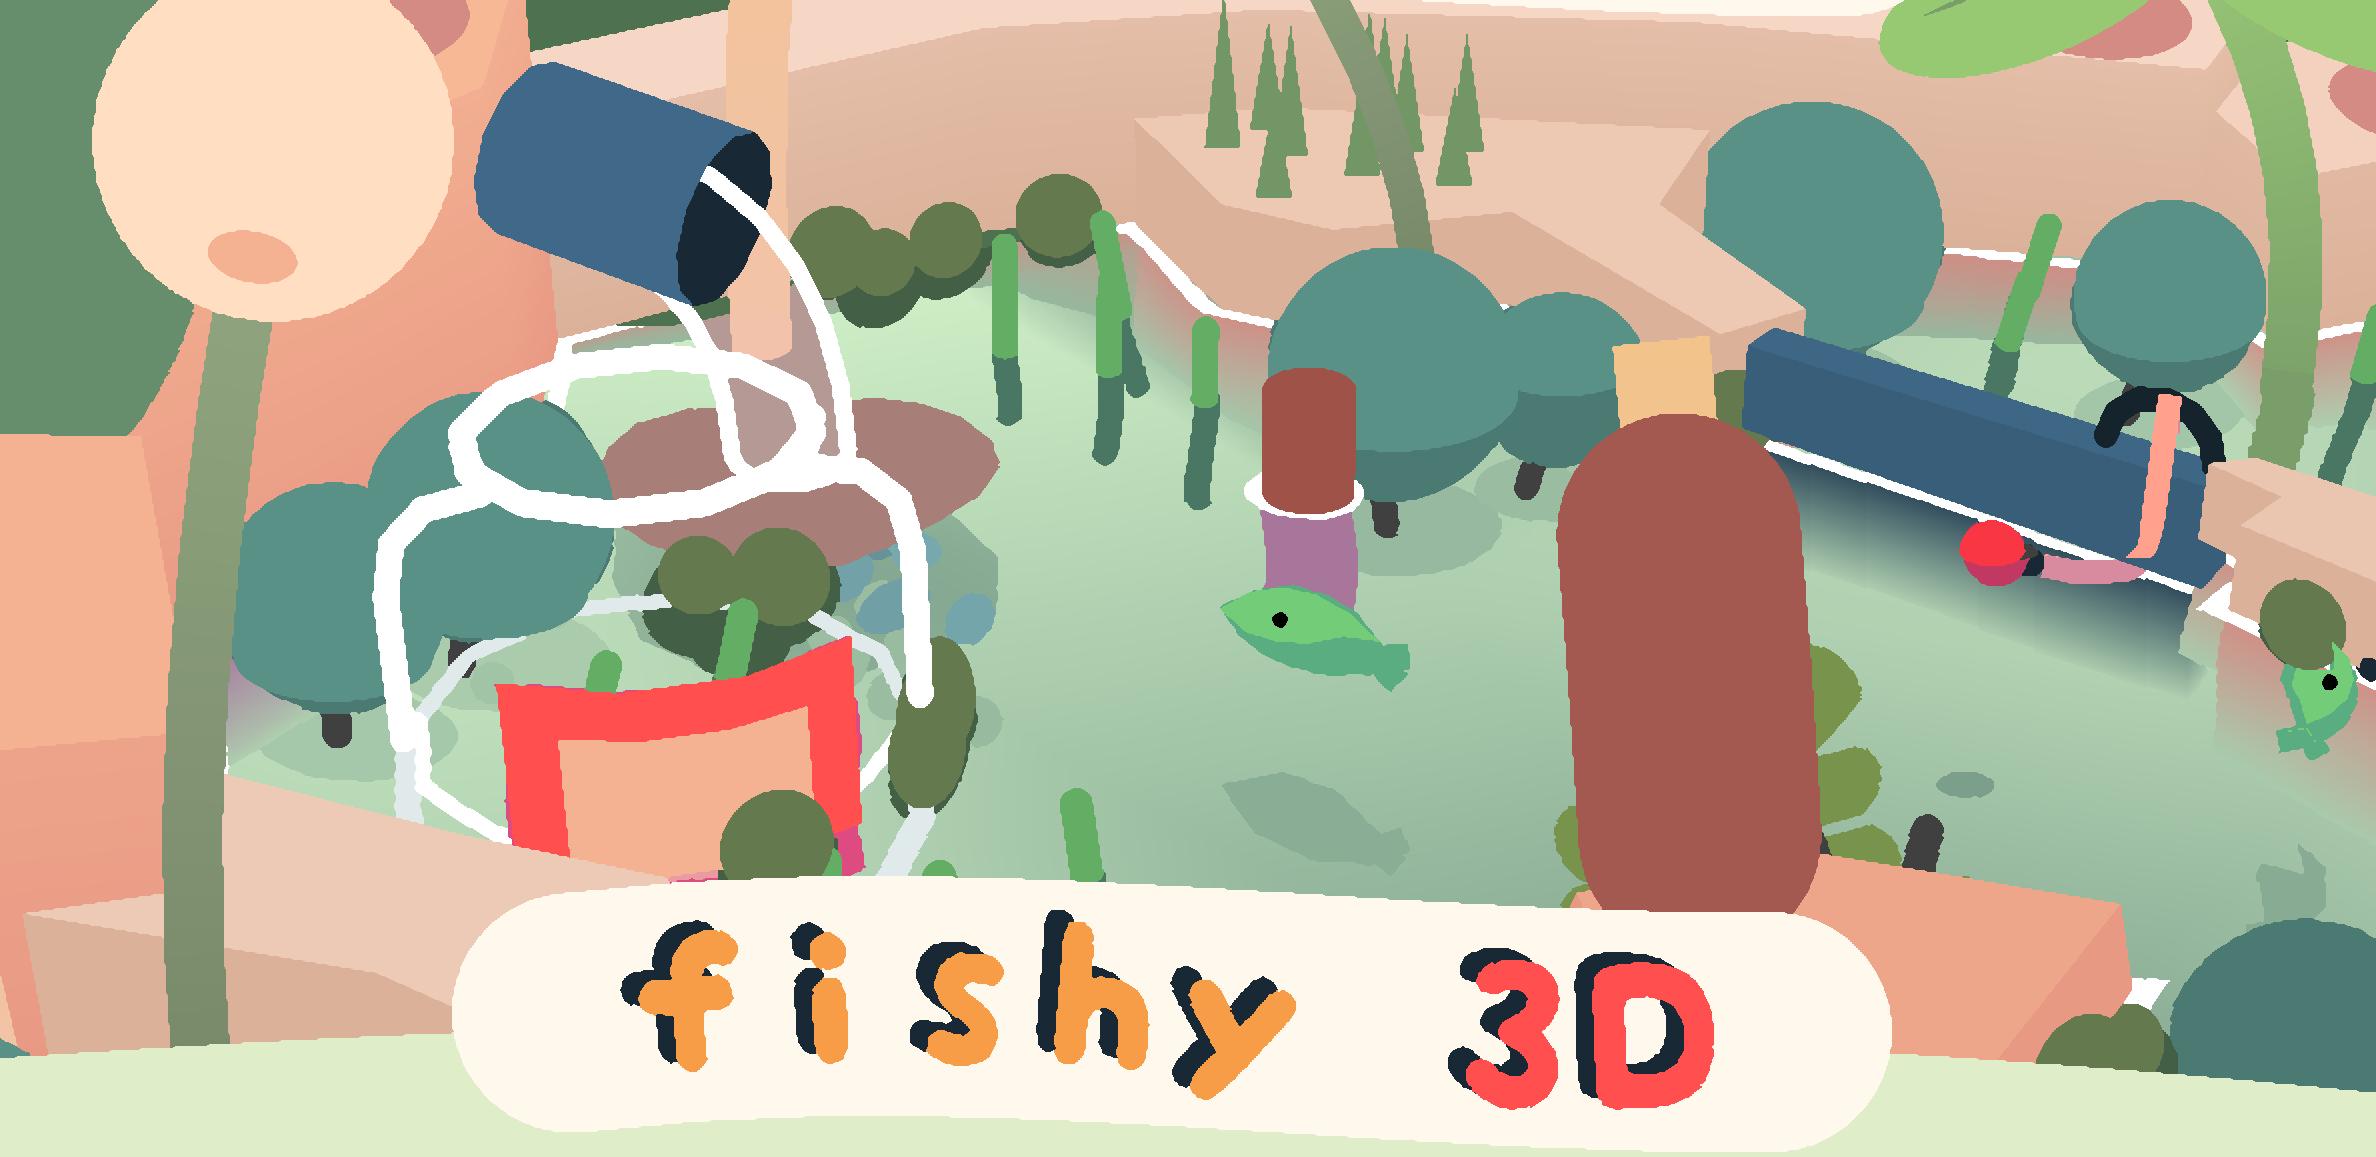 Fishy 3D